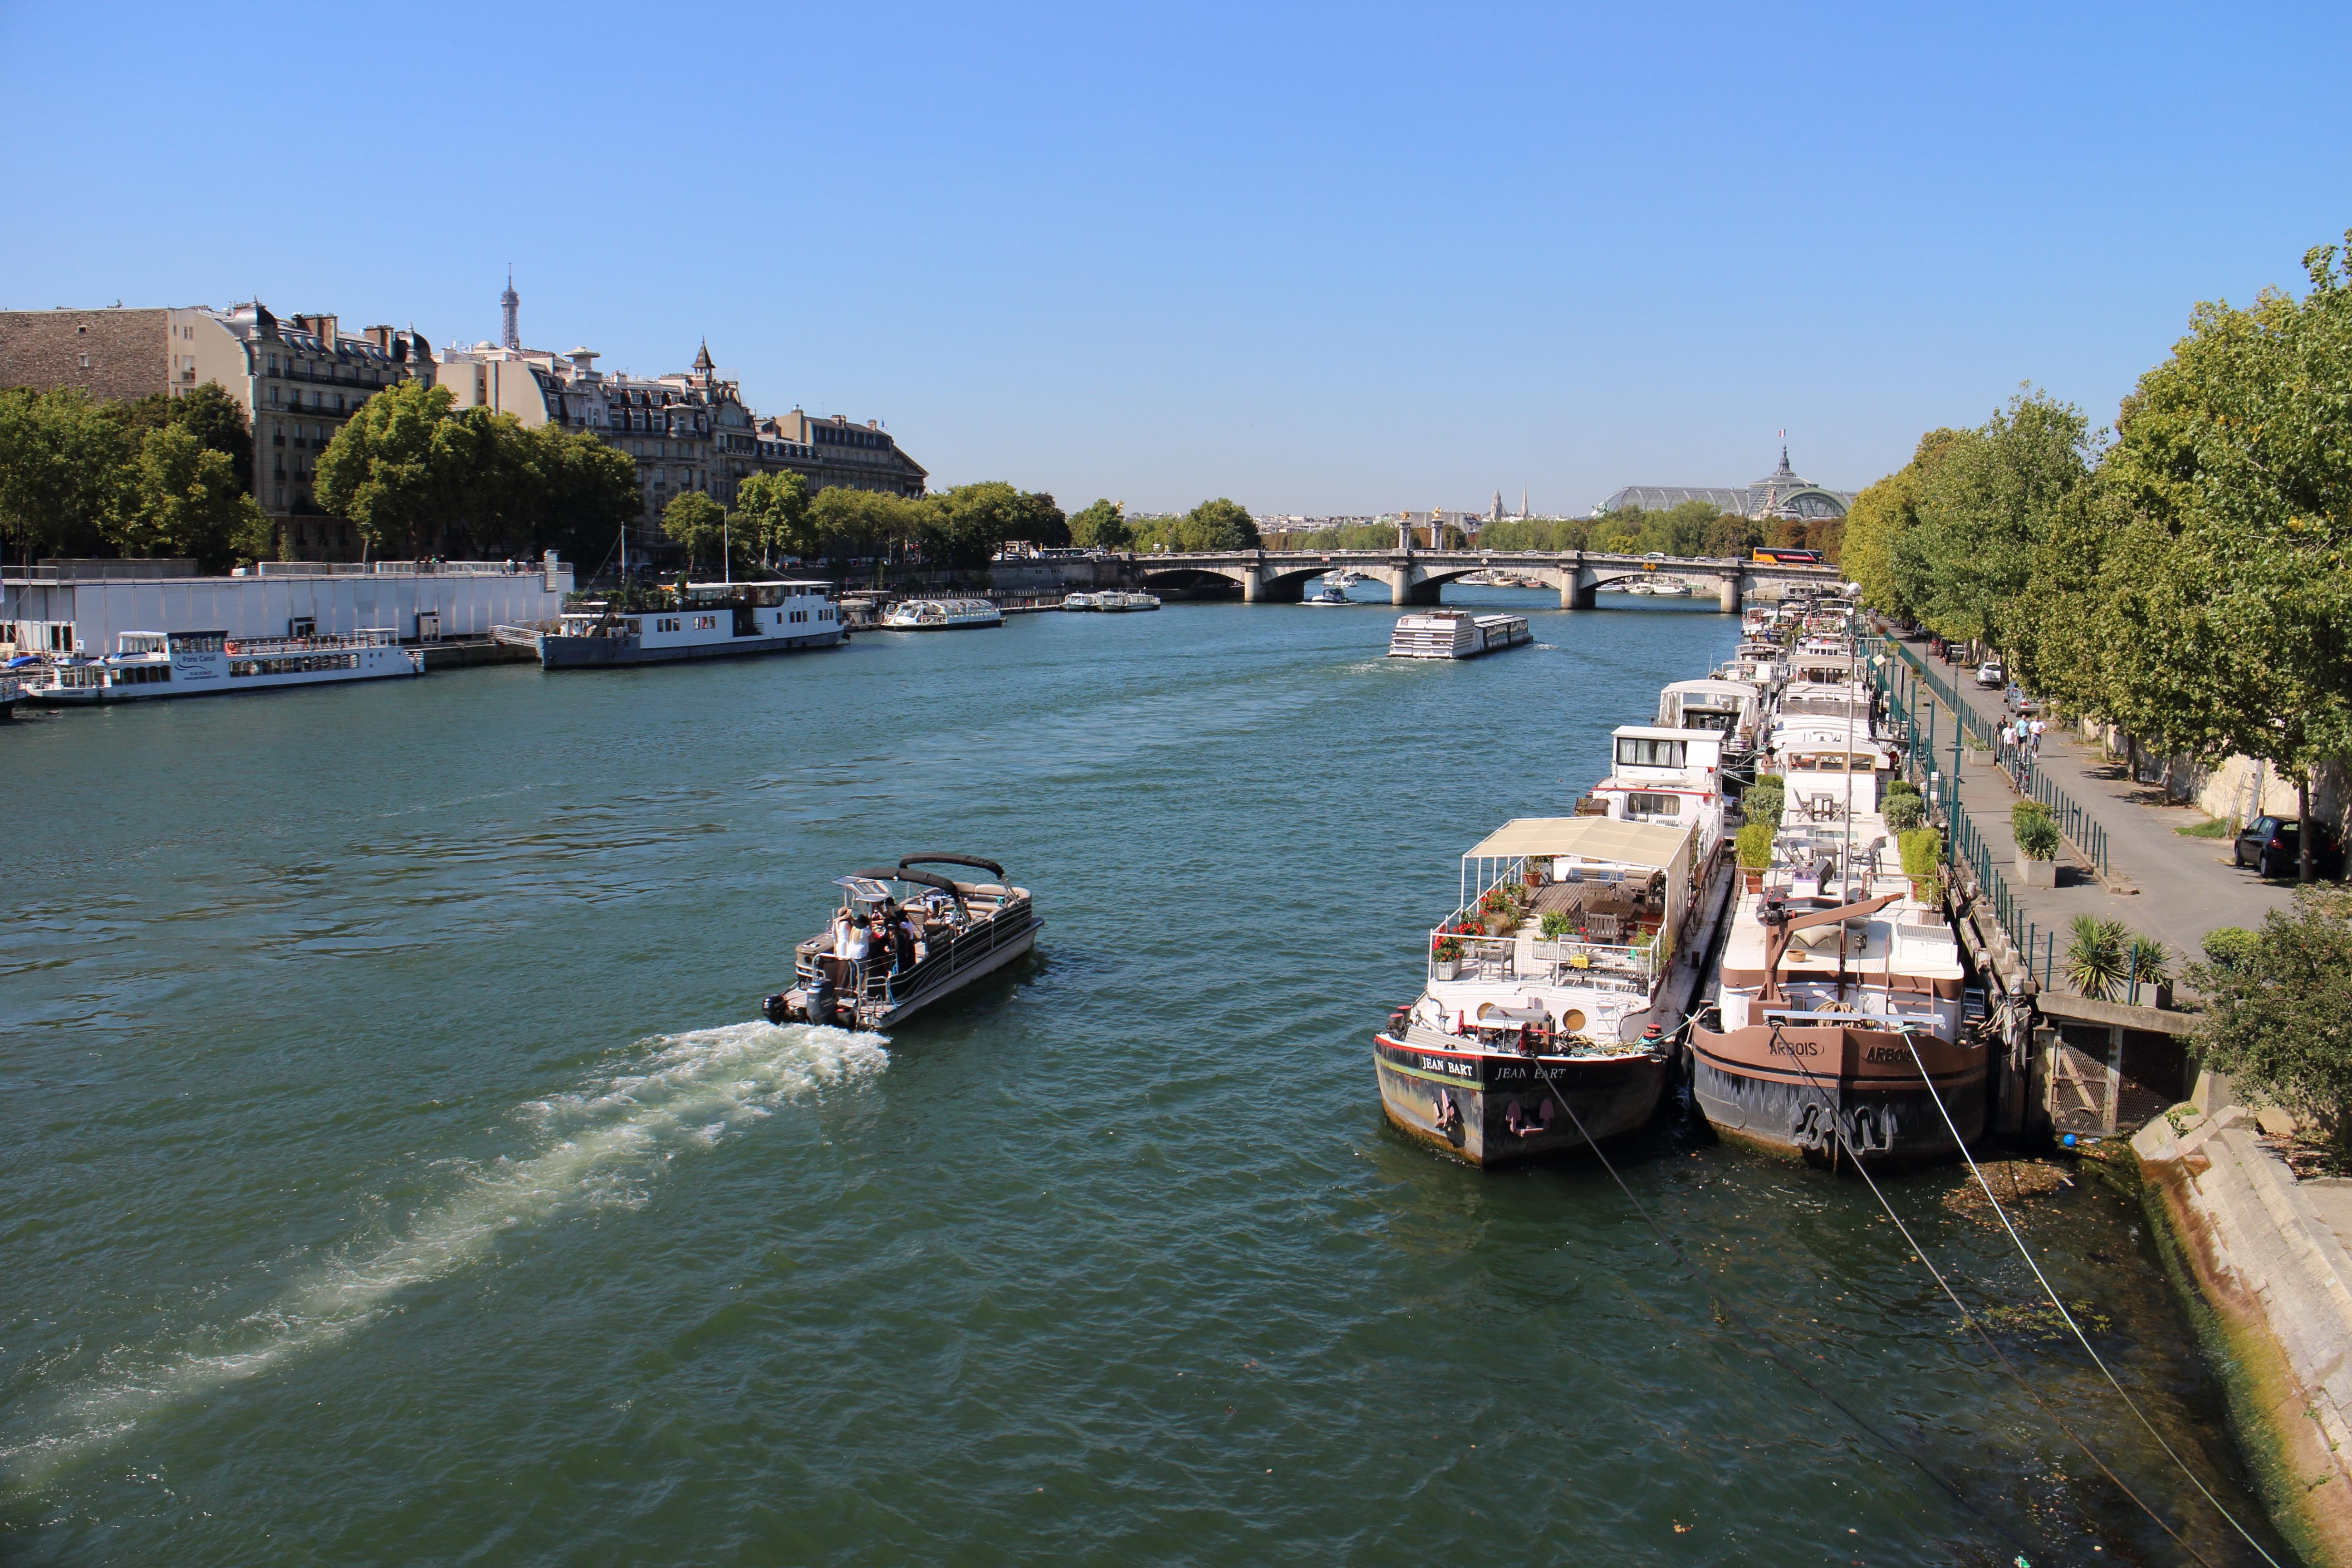 パリ散策(オルセー美術館、ロダン美術館、エッフェル塔、パリ市立近代美術館)